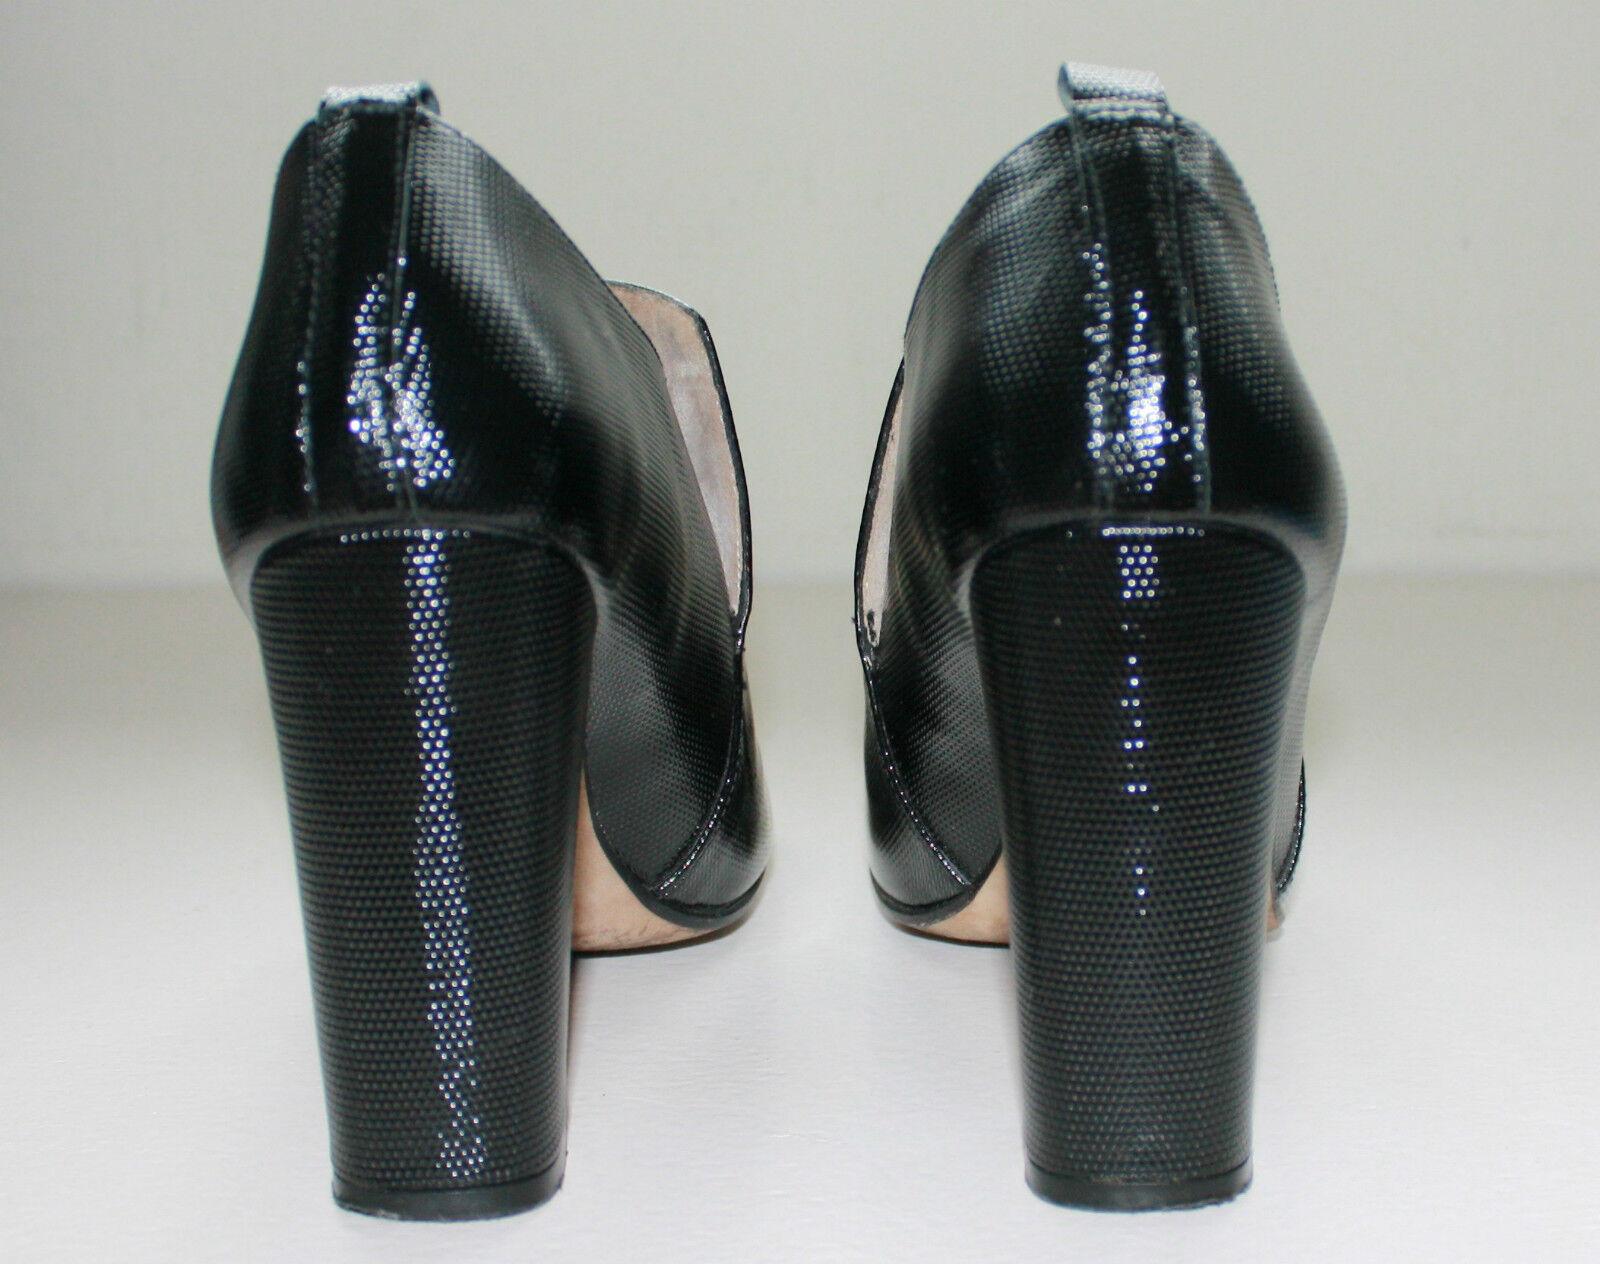 premium selection 064f0 76b49 Paco Gil De Cuero Negro Botas al Tobillo Zapatos, tamaño 7 EU cb8422 -  miceralusl.es